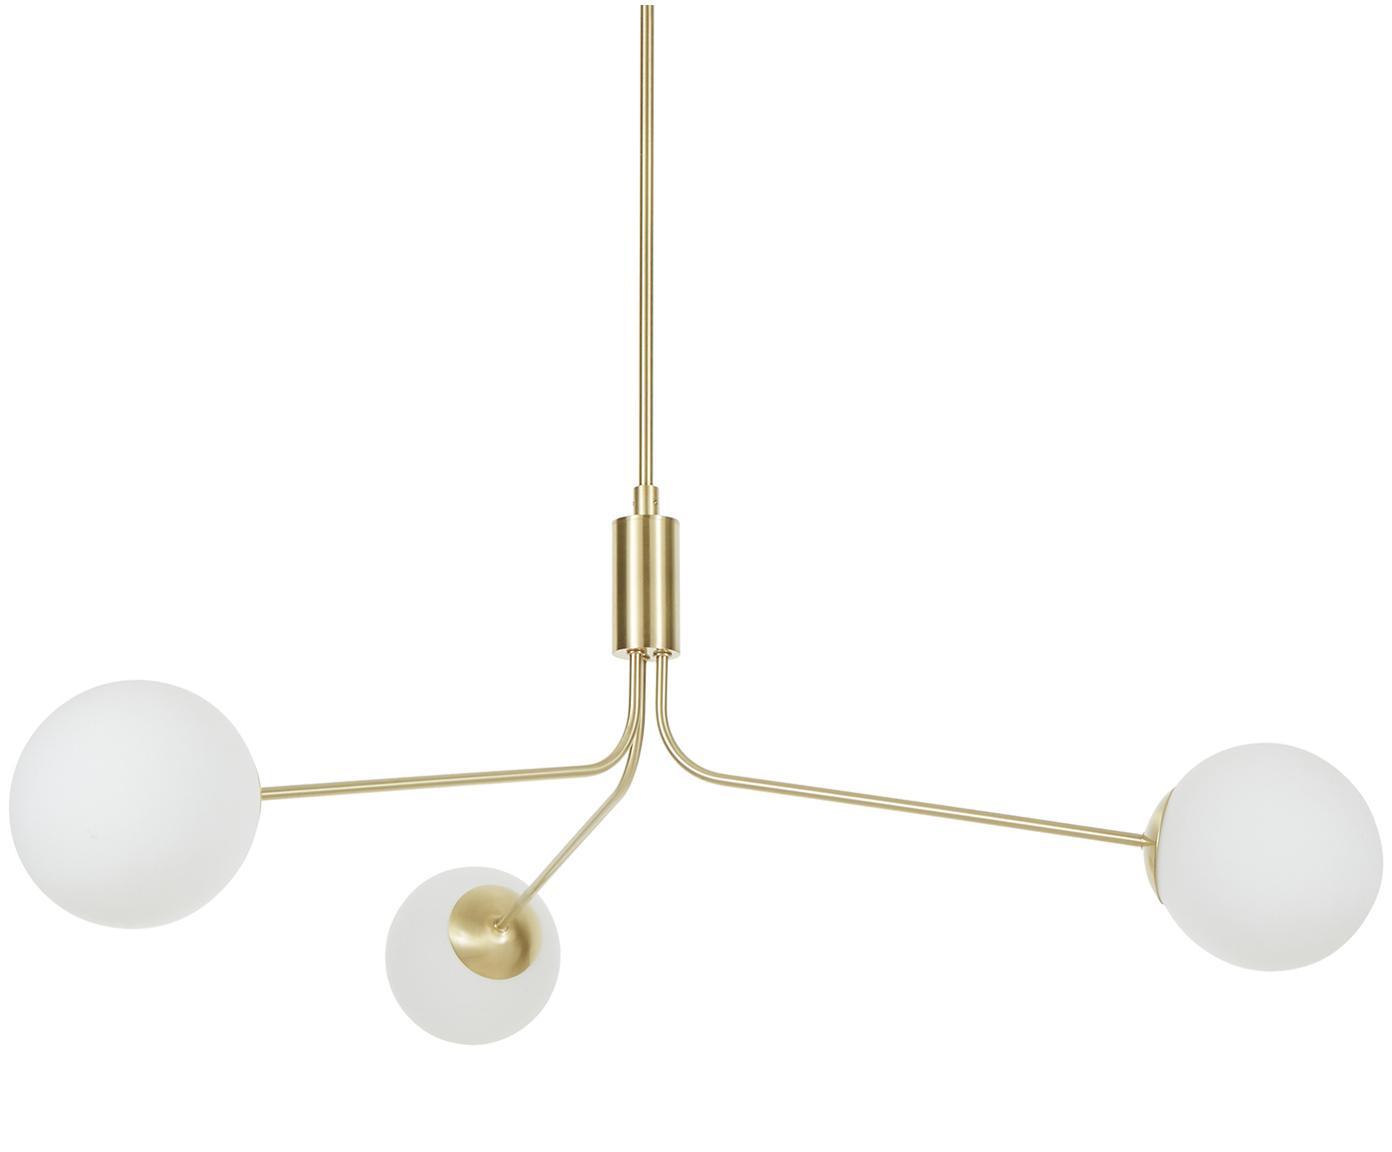 Duża lampa wisząca Darcy, Mosiądz, biały, S 98 x W 85 cm